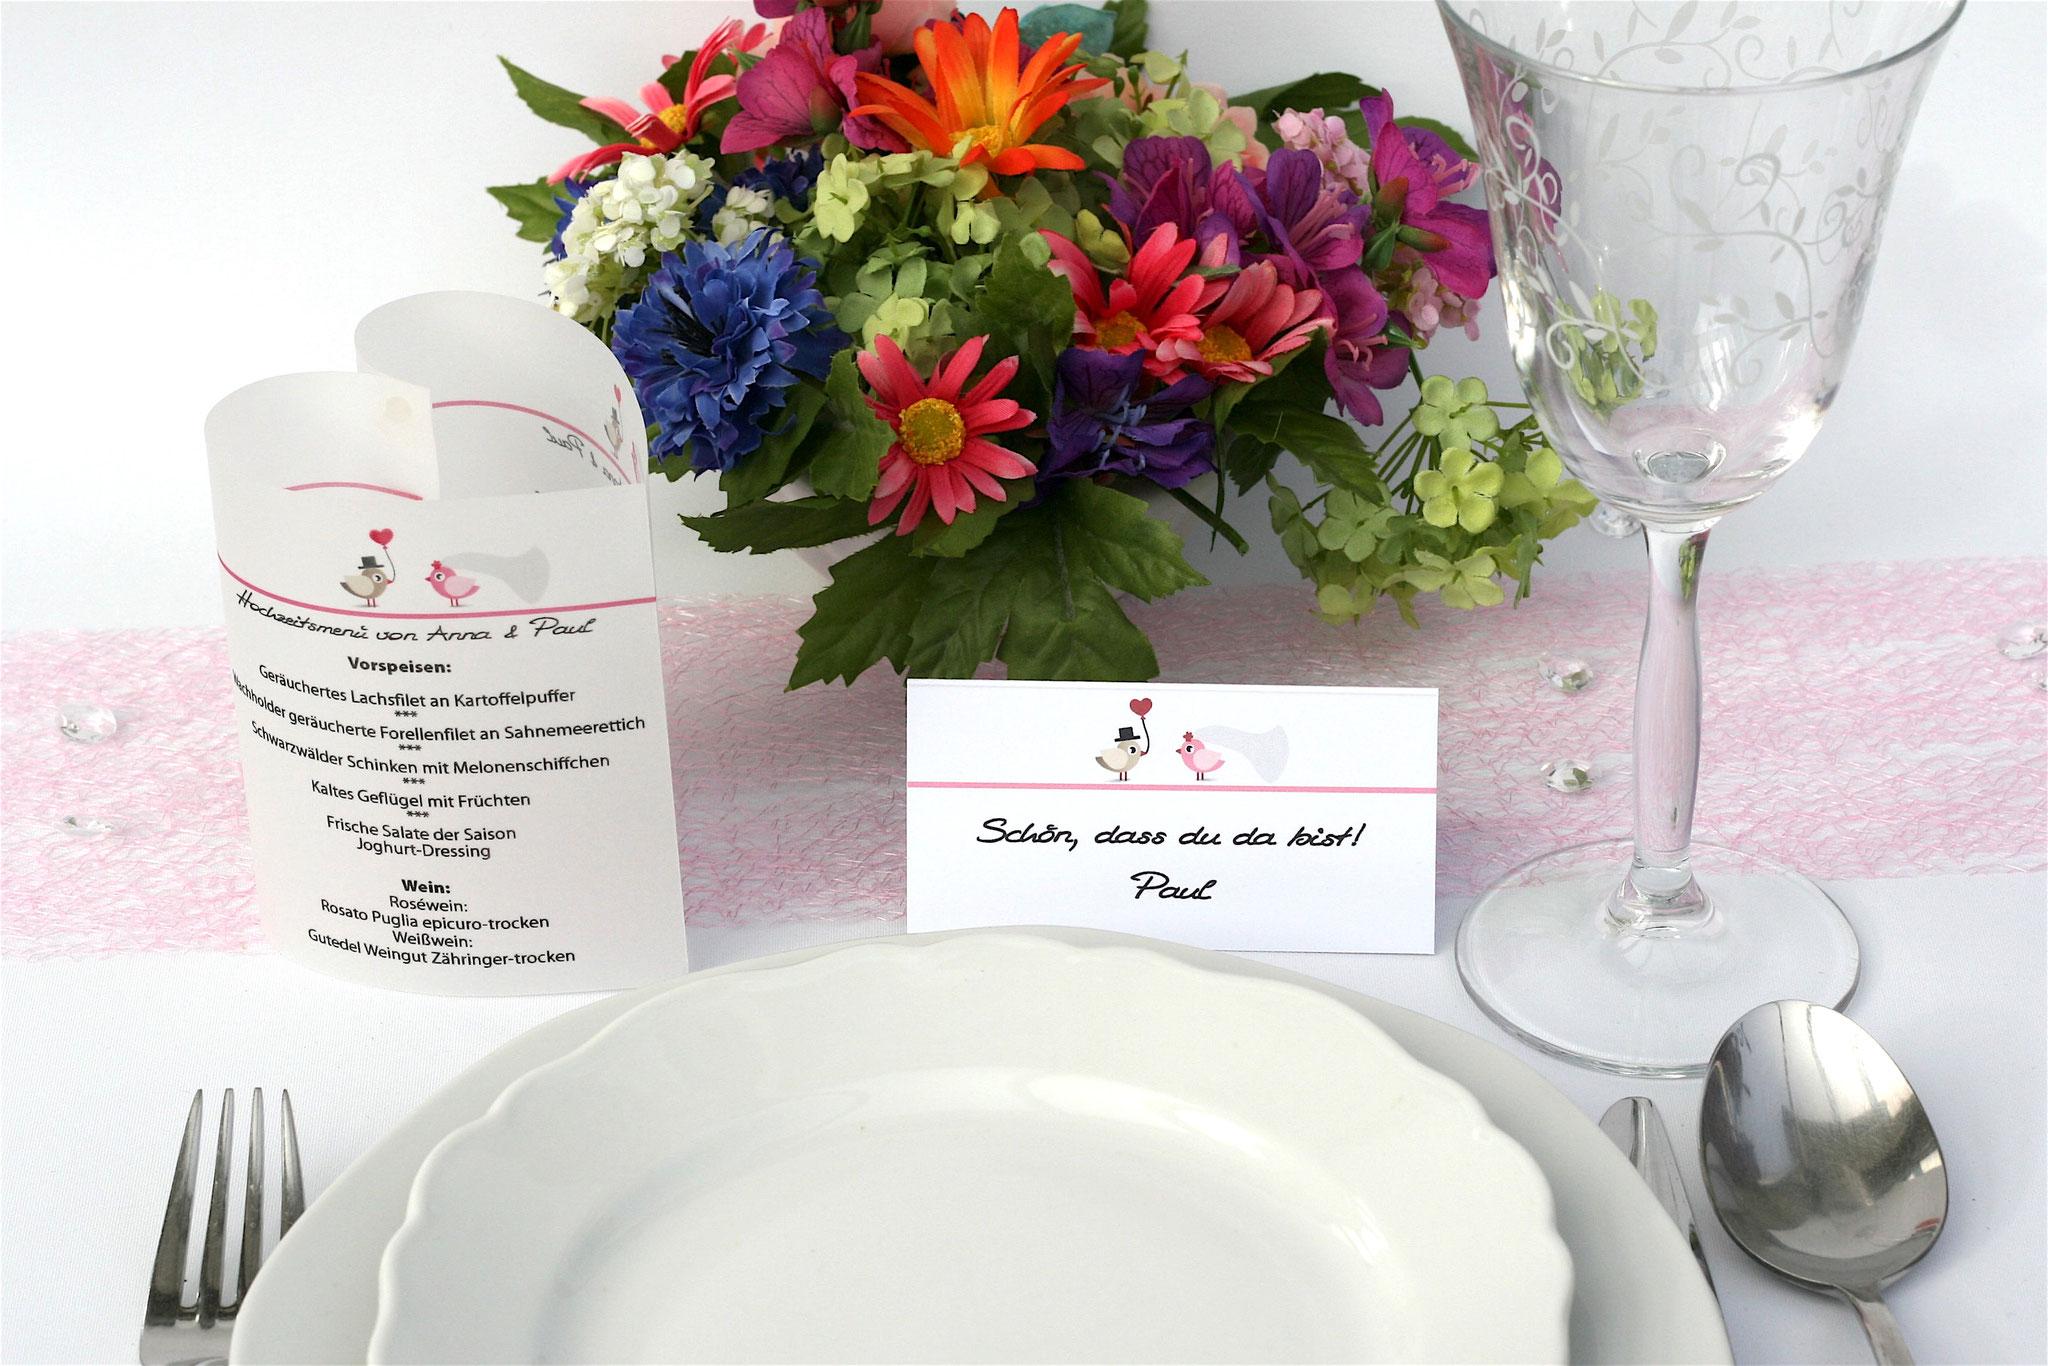 Menükarte und dazu passende Platzkarte Design Hochzeitsvögel, Farbe Rosa/Graubraun, Schrift First Lady